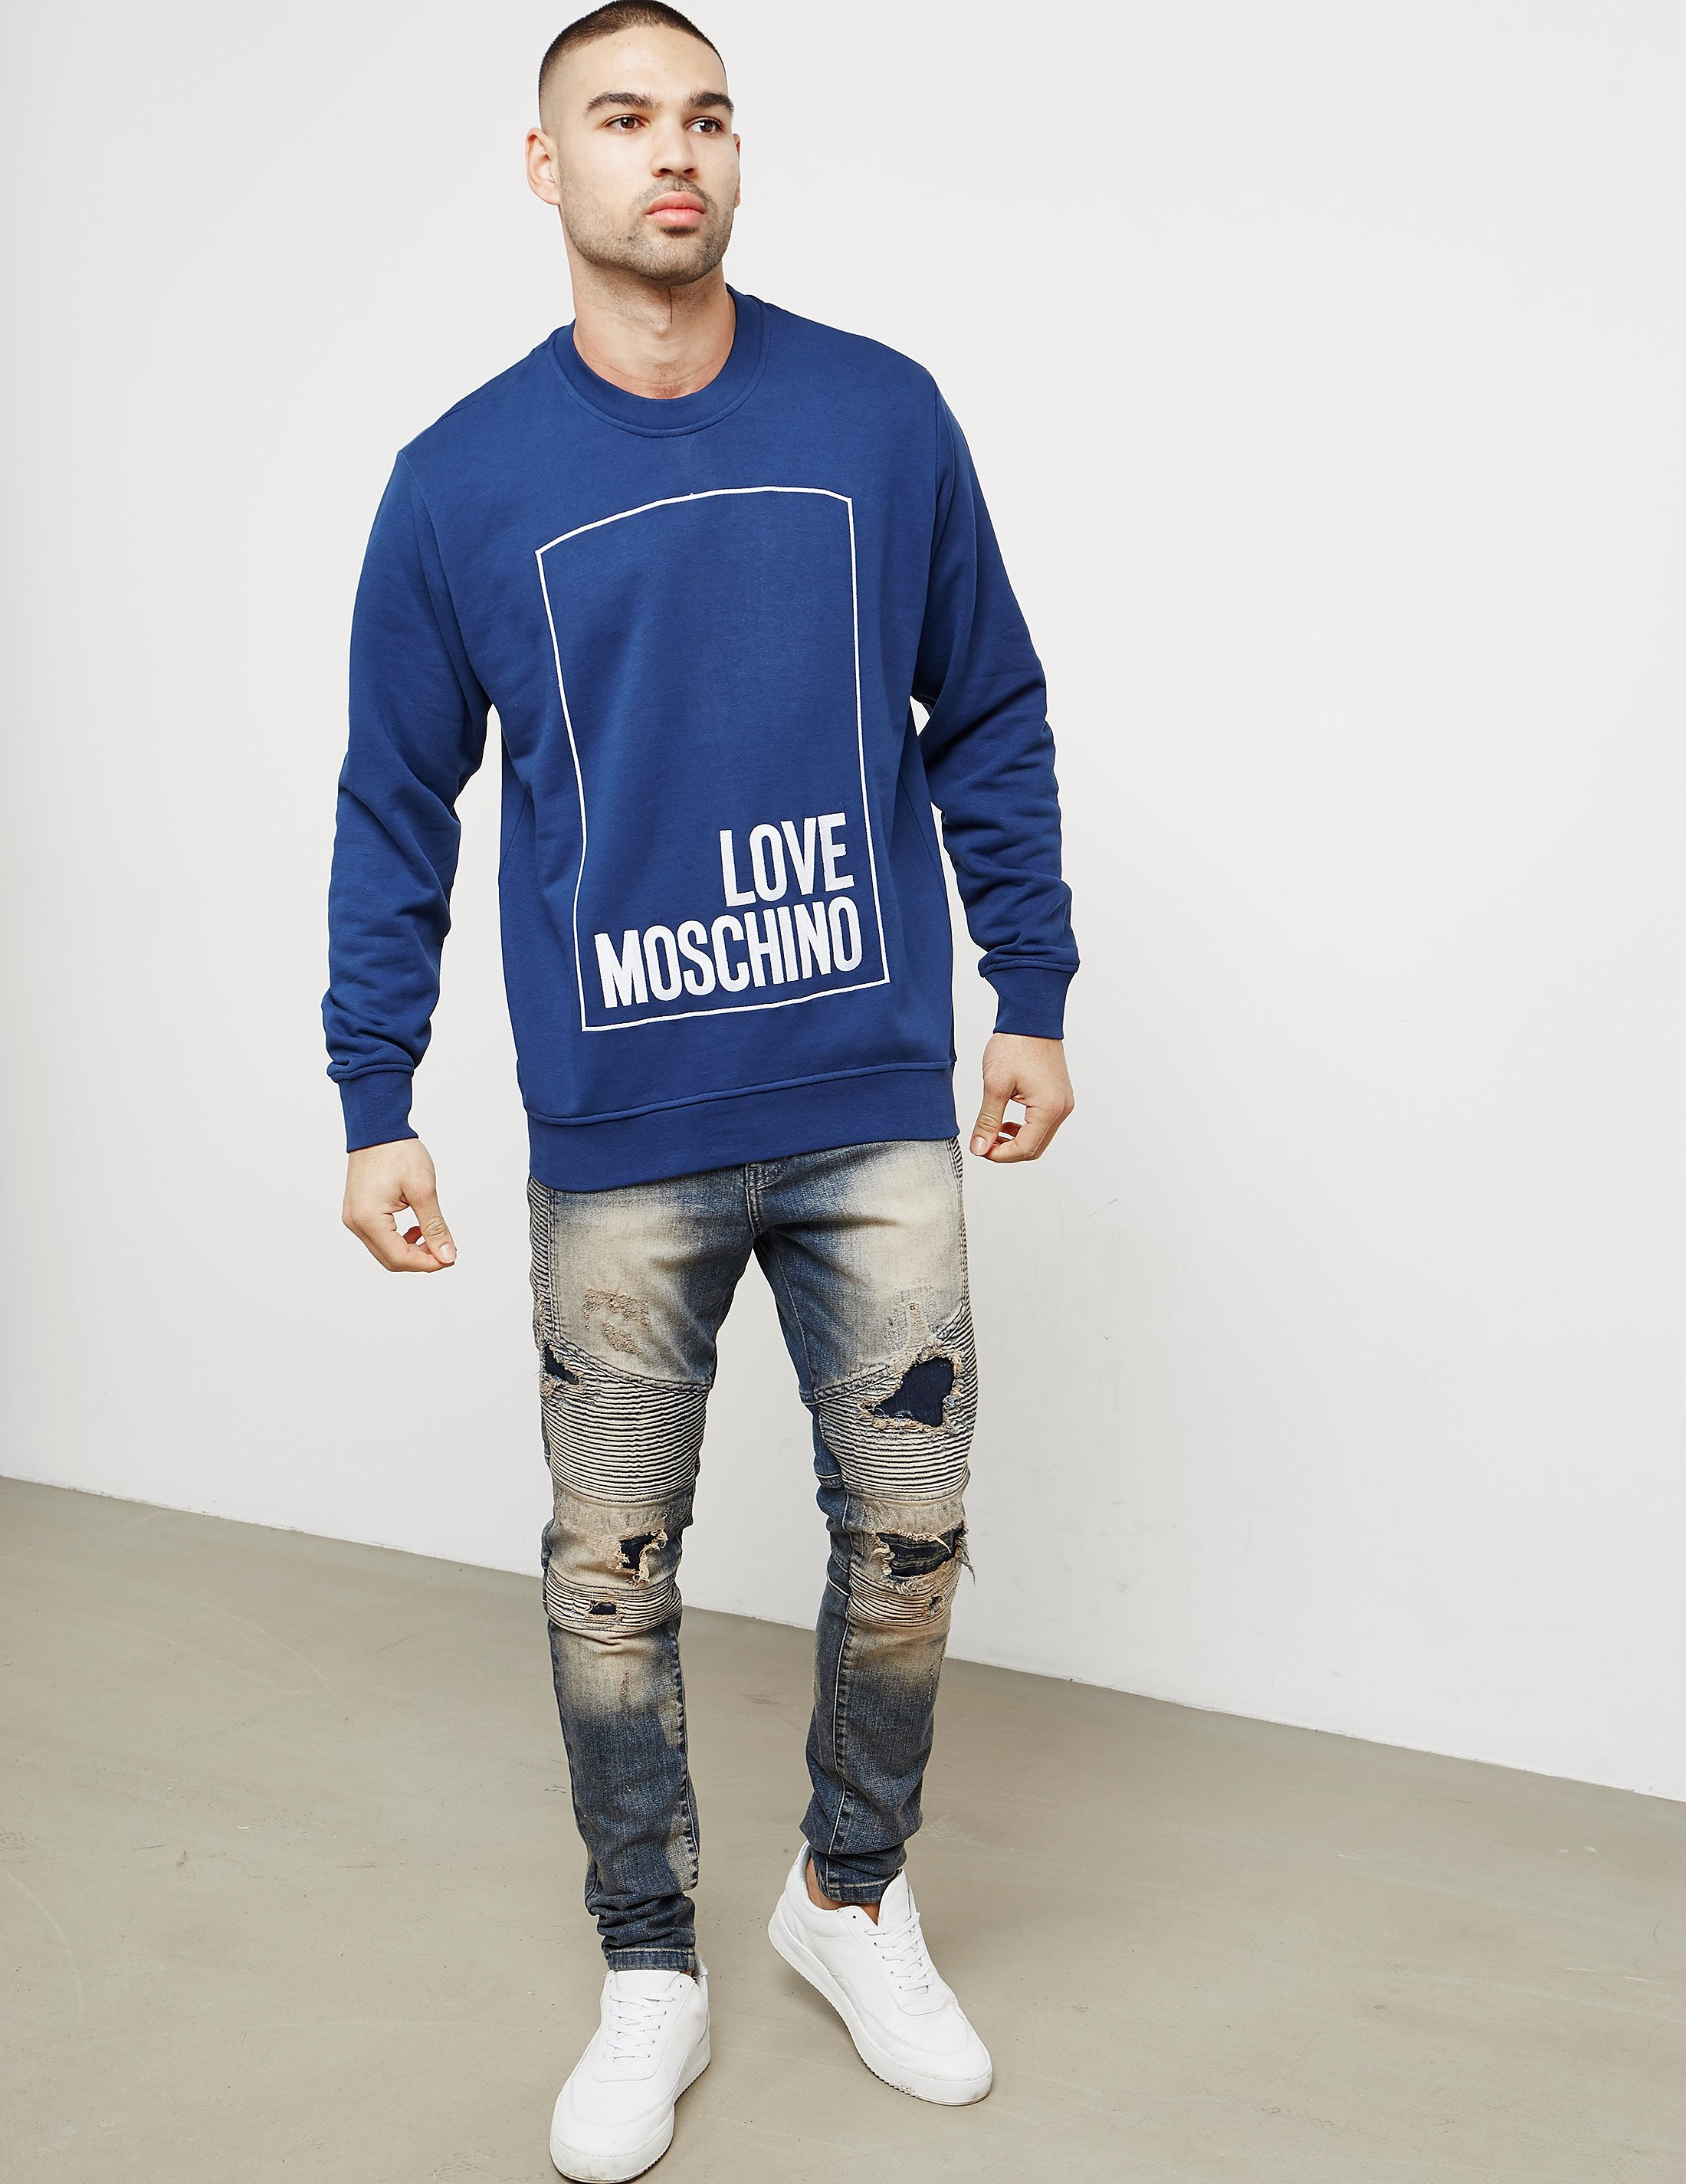 Love Moschino LovMos Box Sweatshirt